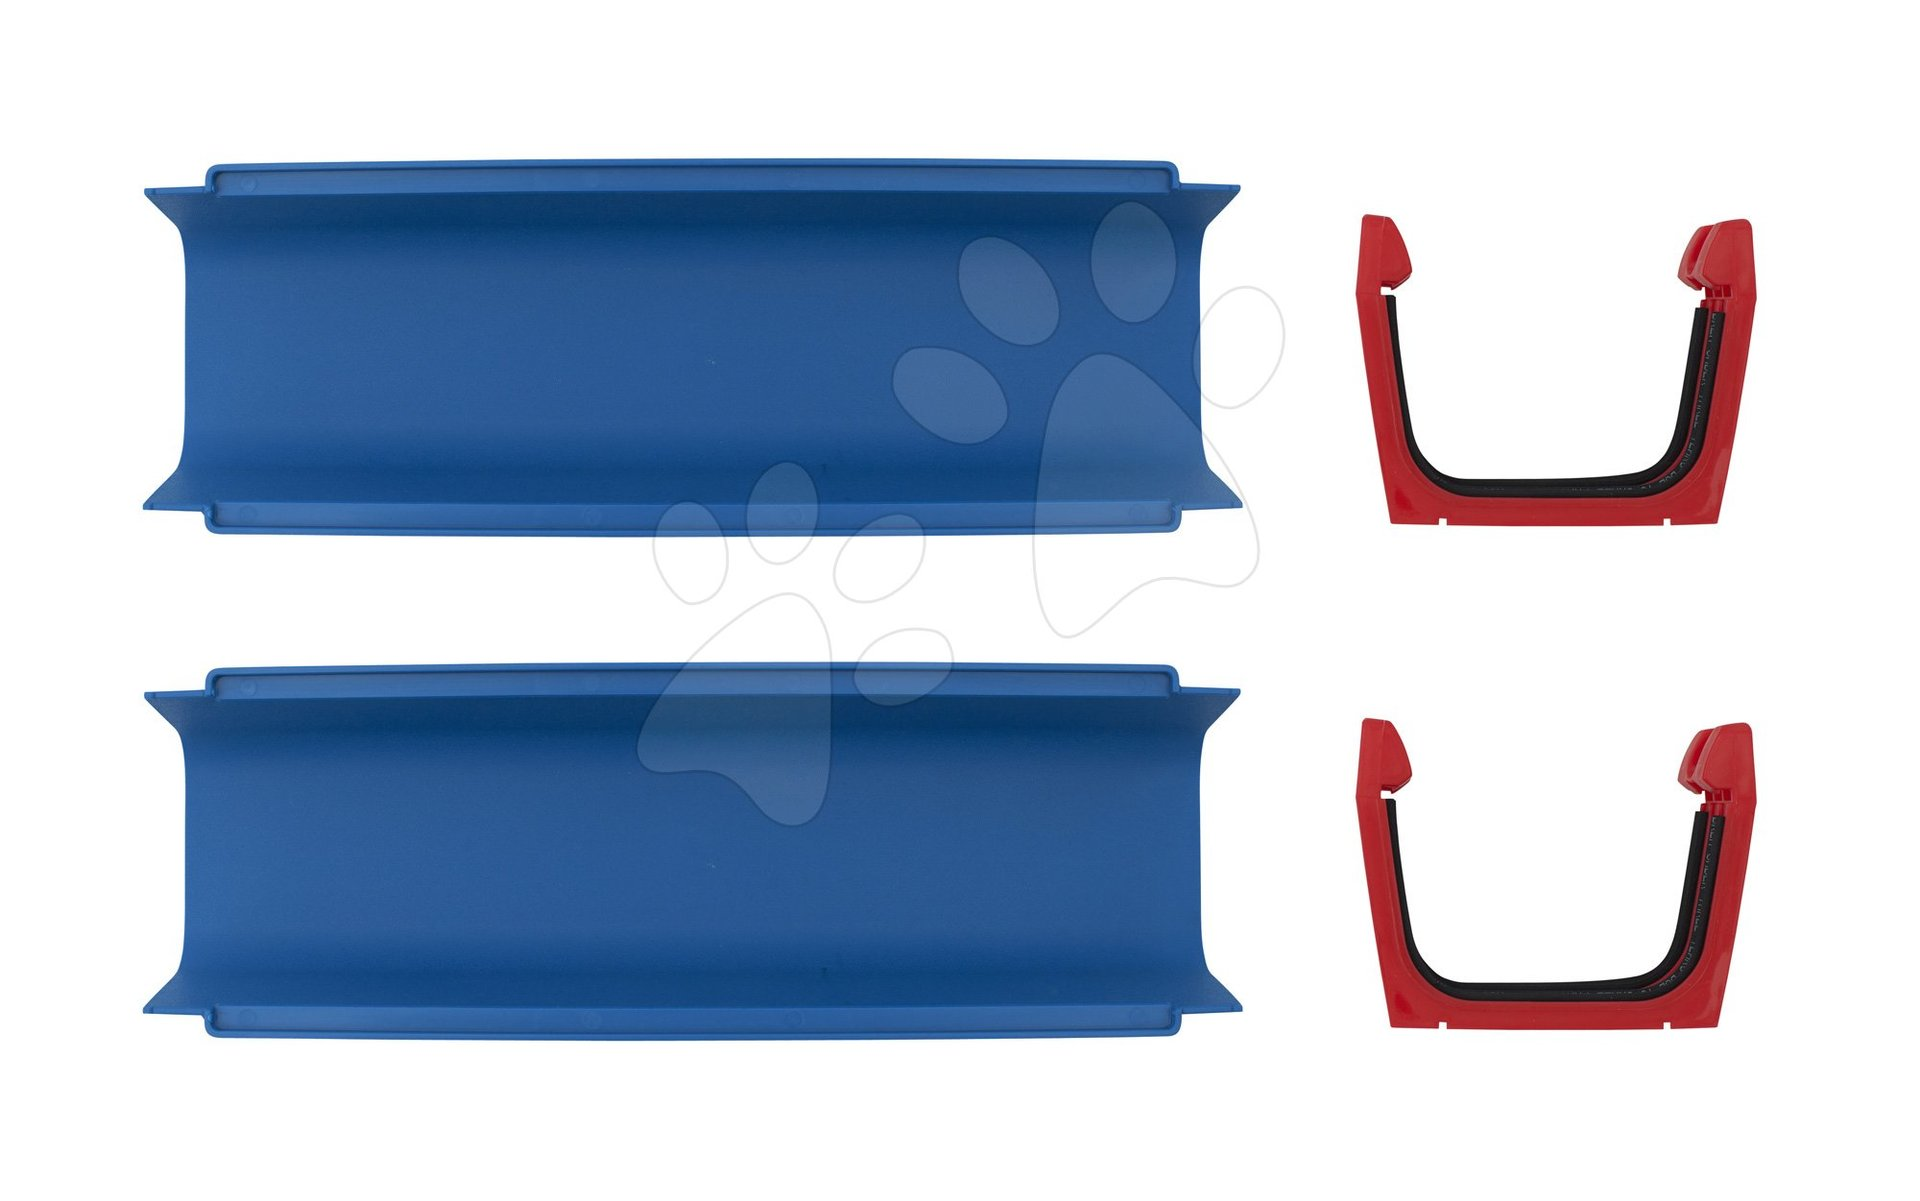 Doplnkové diely Aquaplay rovná časť k vodným dráham, set 2 kusov s tesnením